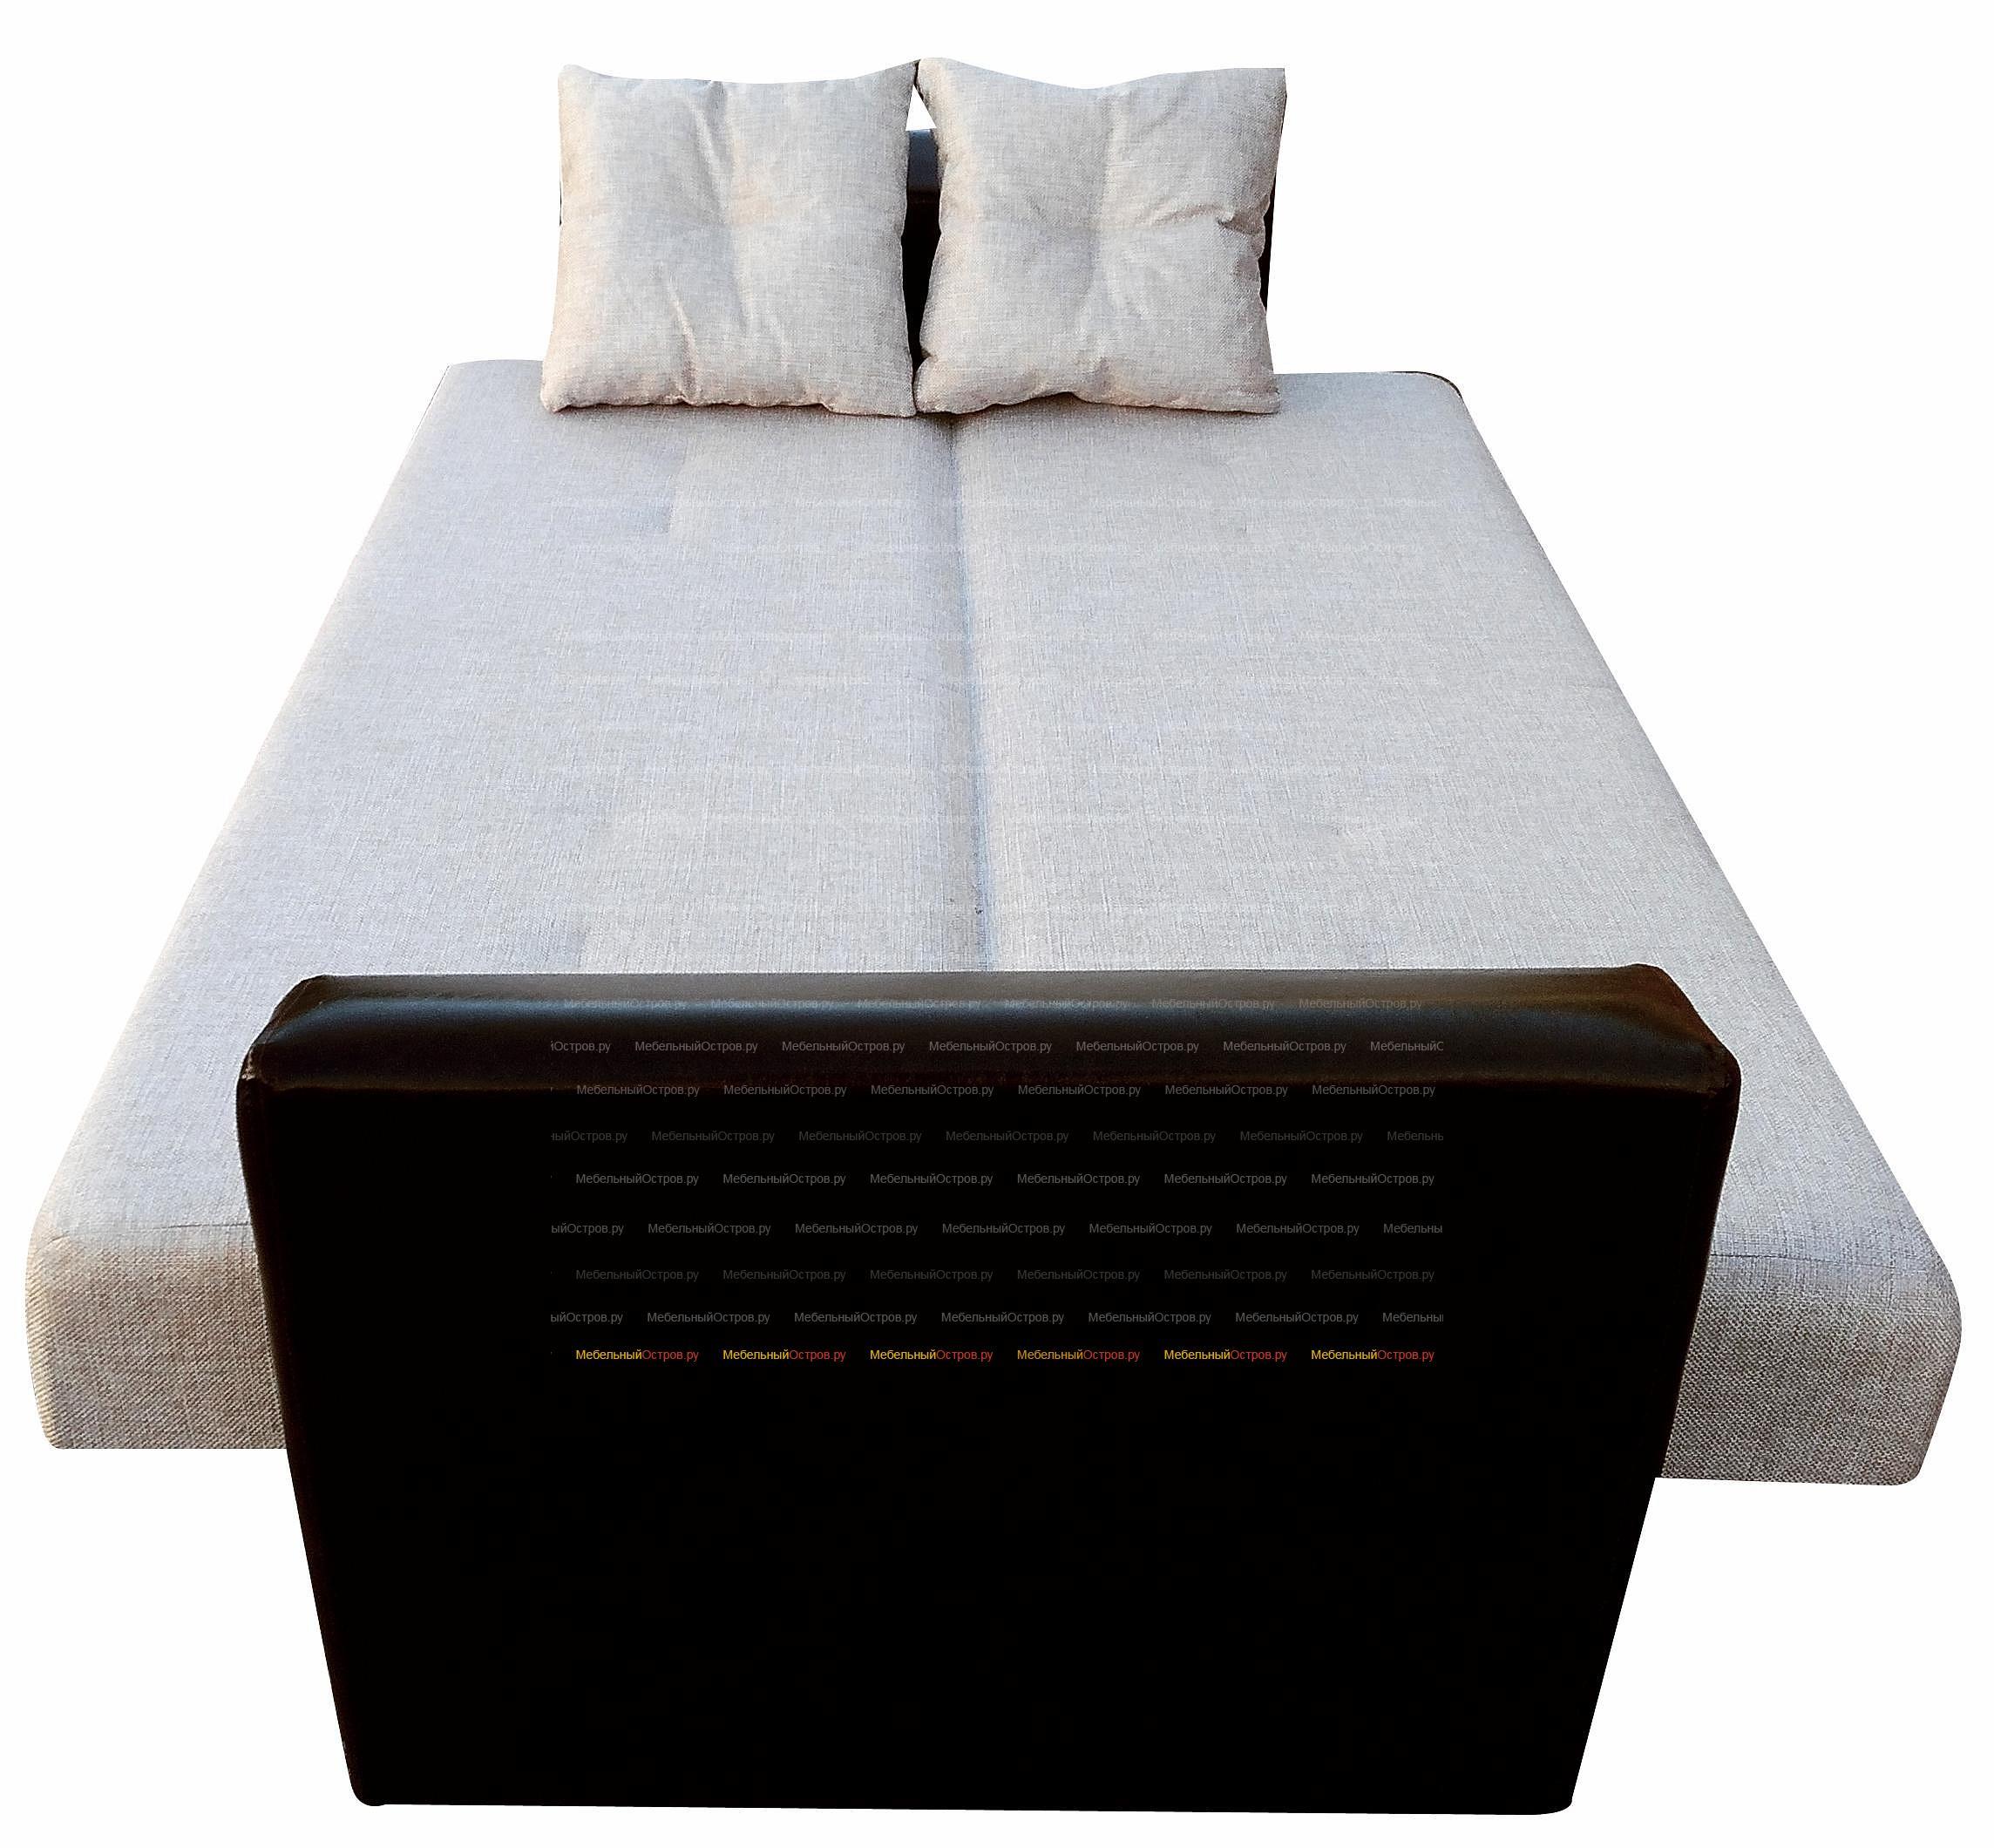 Диван кровать книжка с доставкой